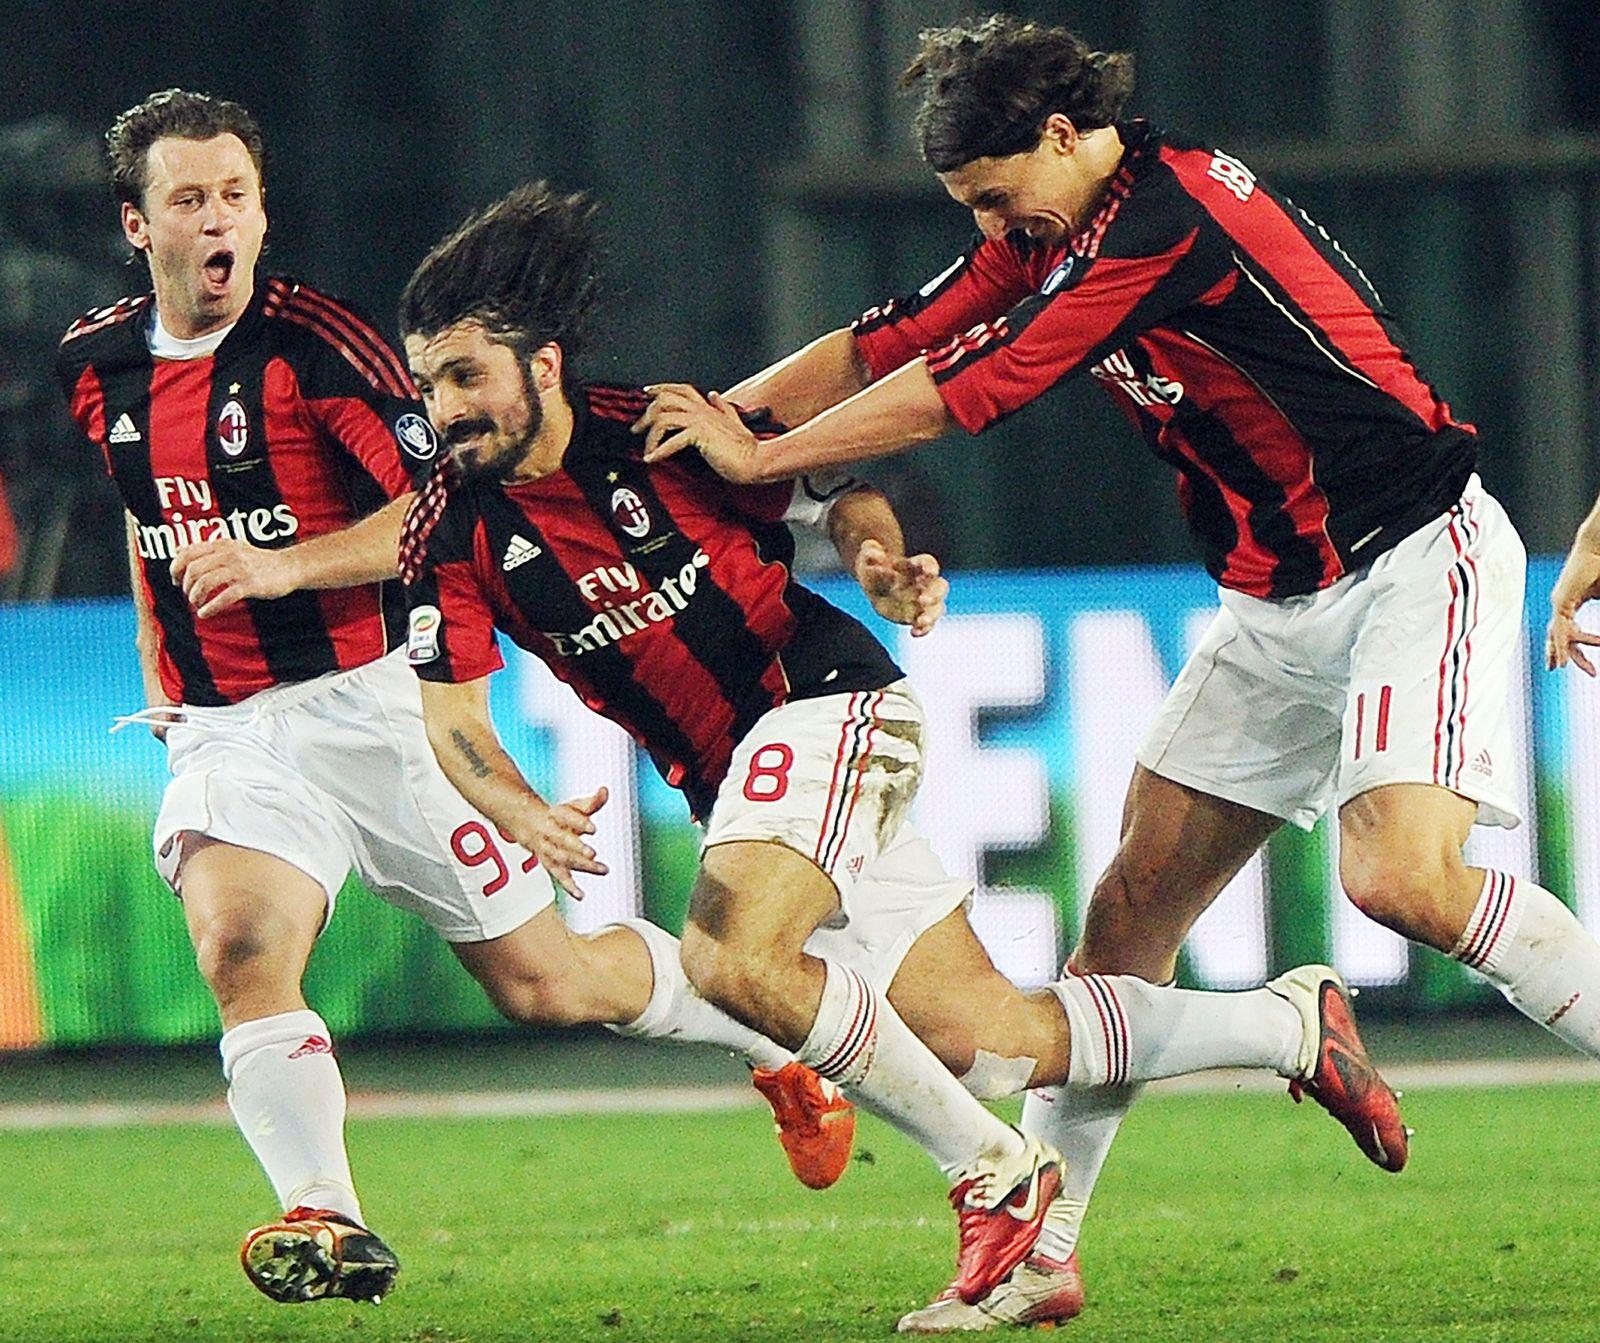 Juventus FC vs AC Milan